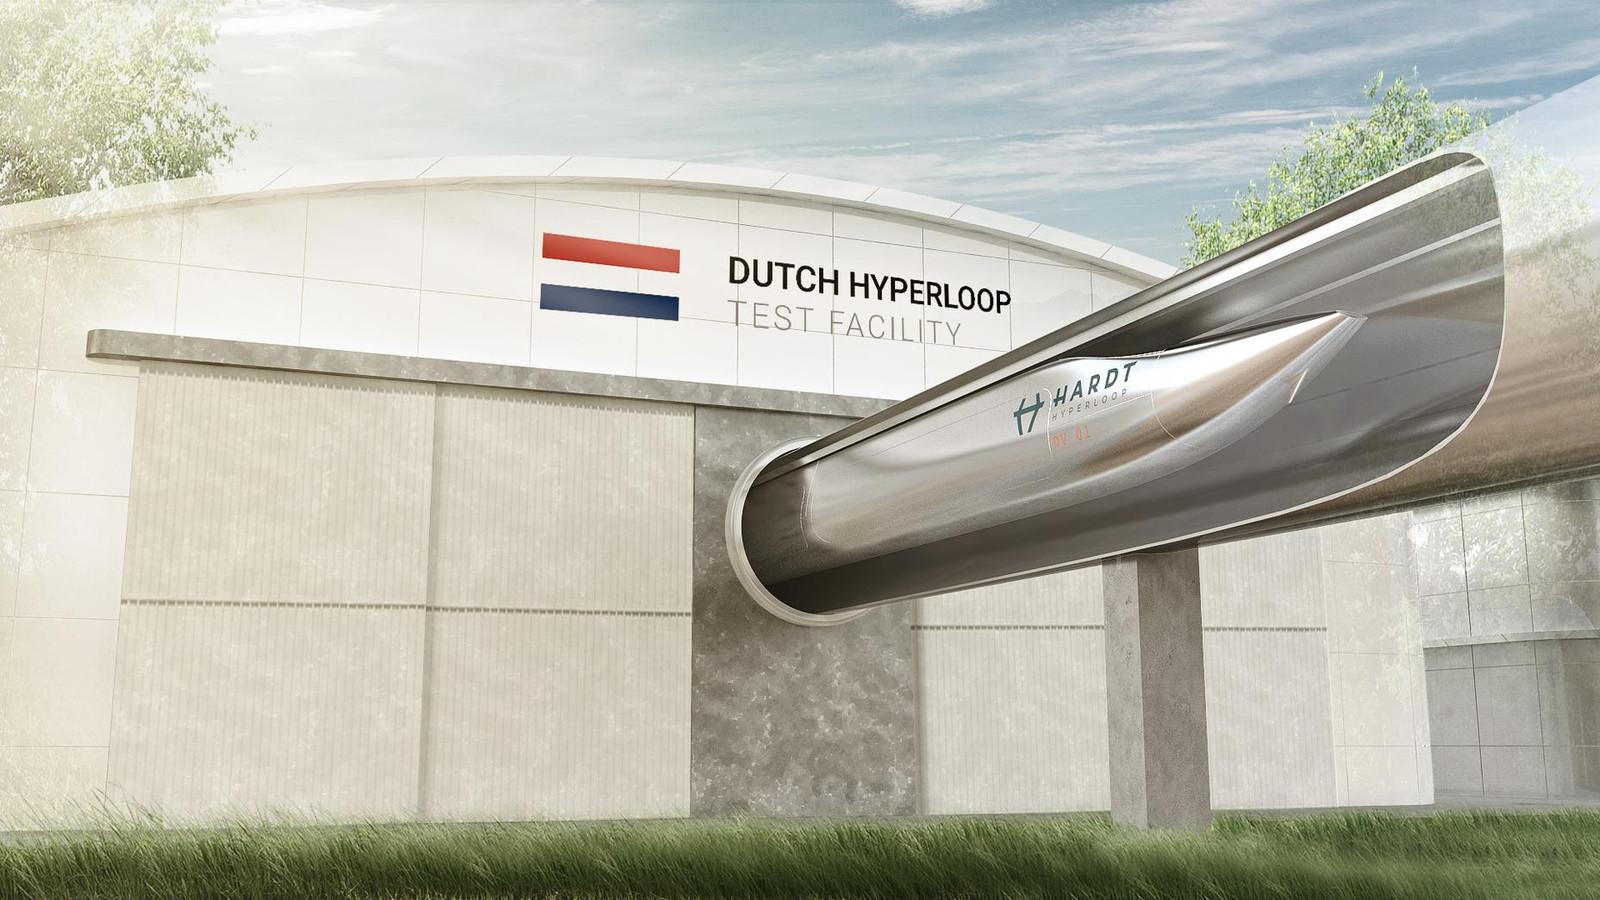 Opengewerkte impressie van een deel van het systeem dat Hardt Hyperloop wil bouwen tussen Schiphol en Frankfurt am Main